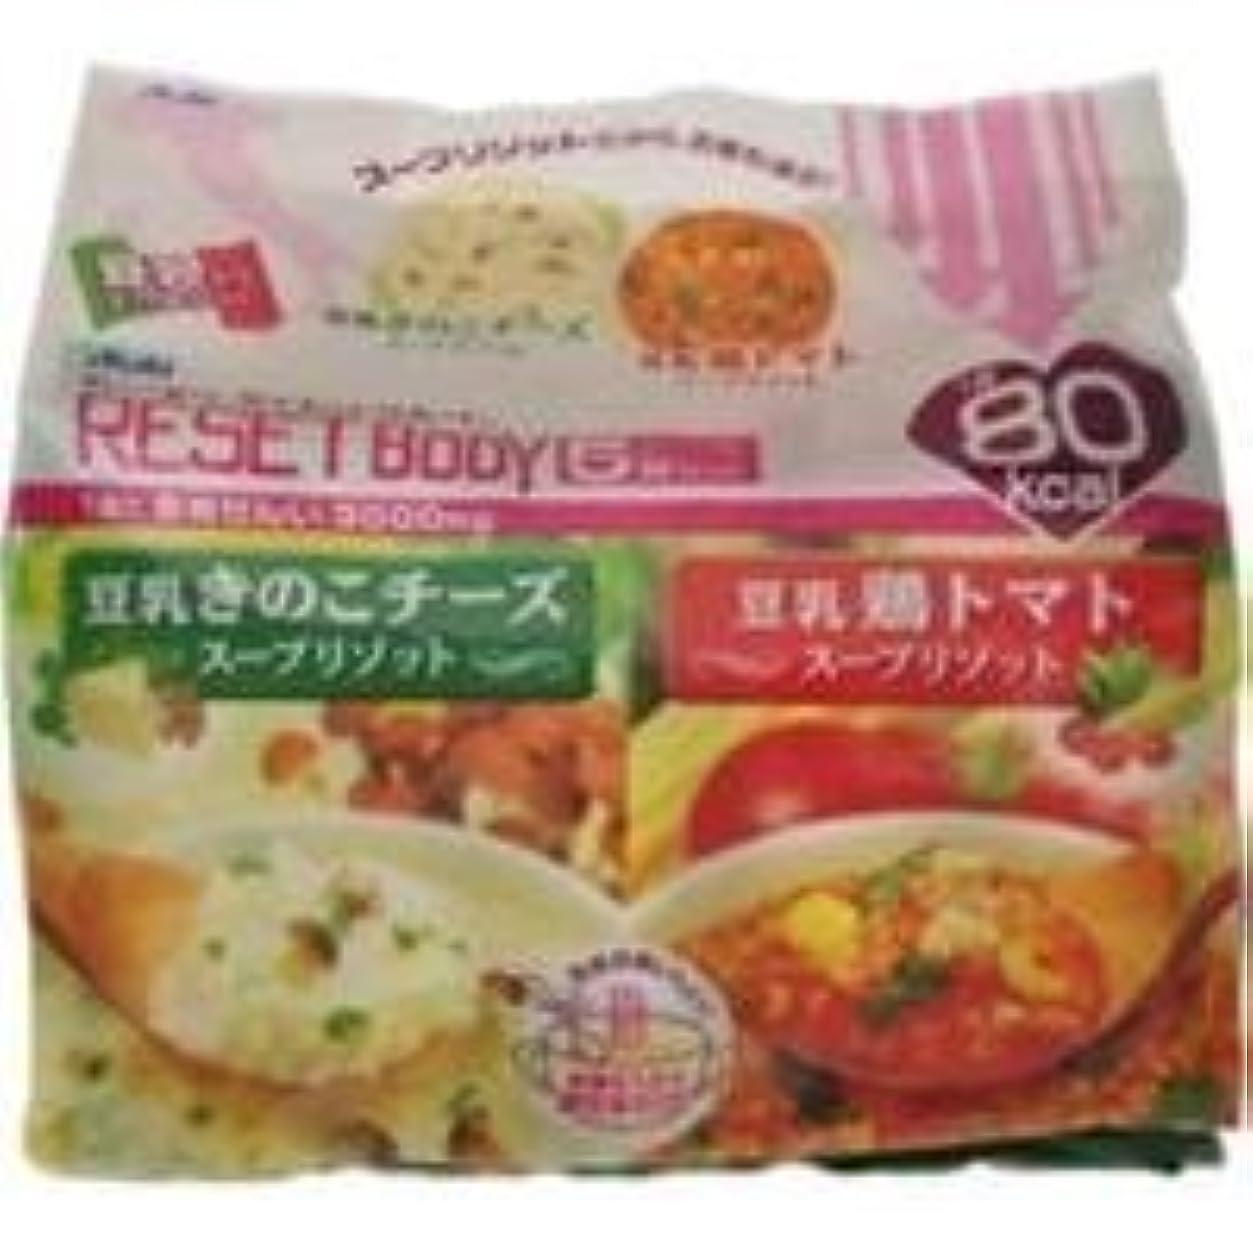 開拓者つば触手リセットボディ リセットボディ 豆乳きのこチーズ&鶏トマトスープリゾット 5食 きのこ3食+???2食 1袋